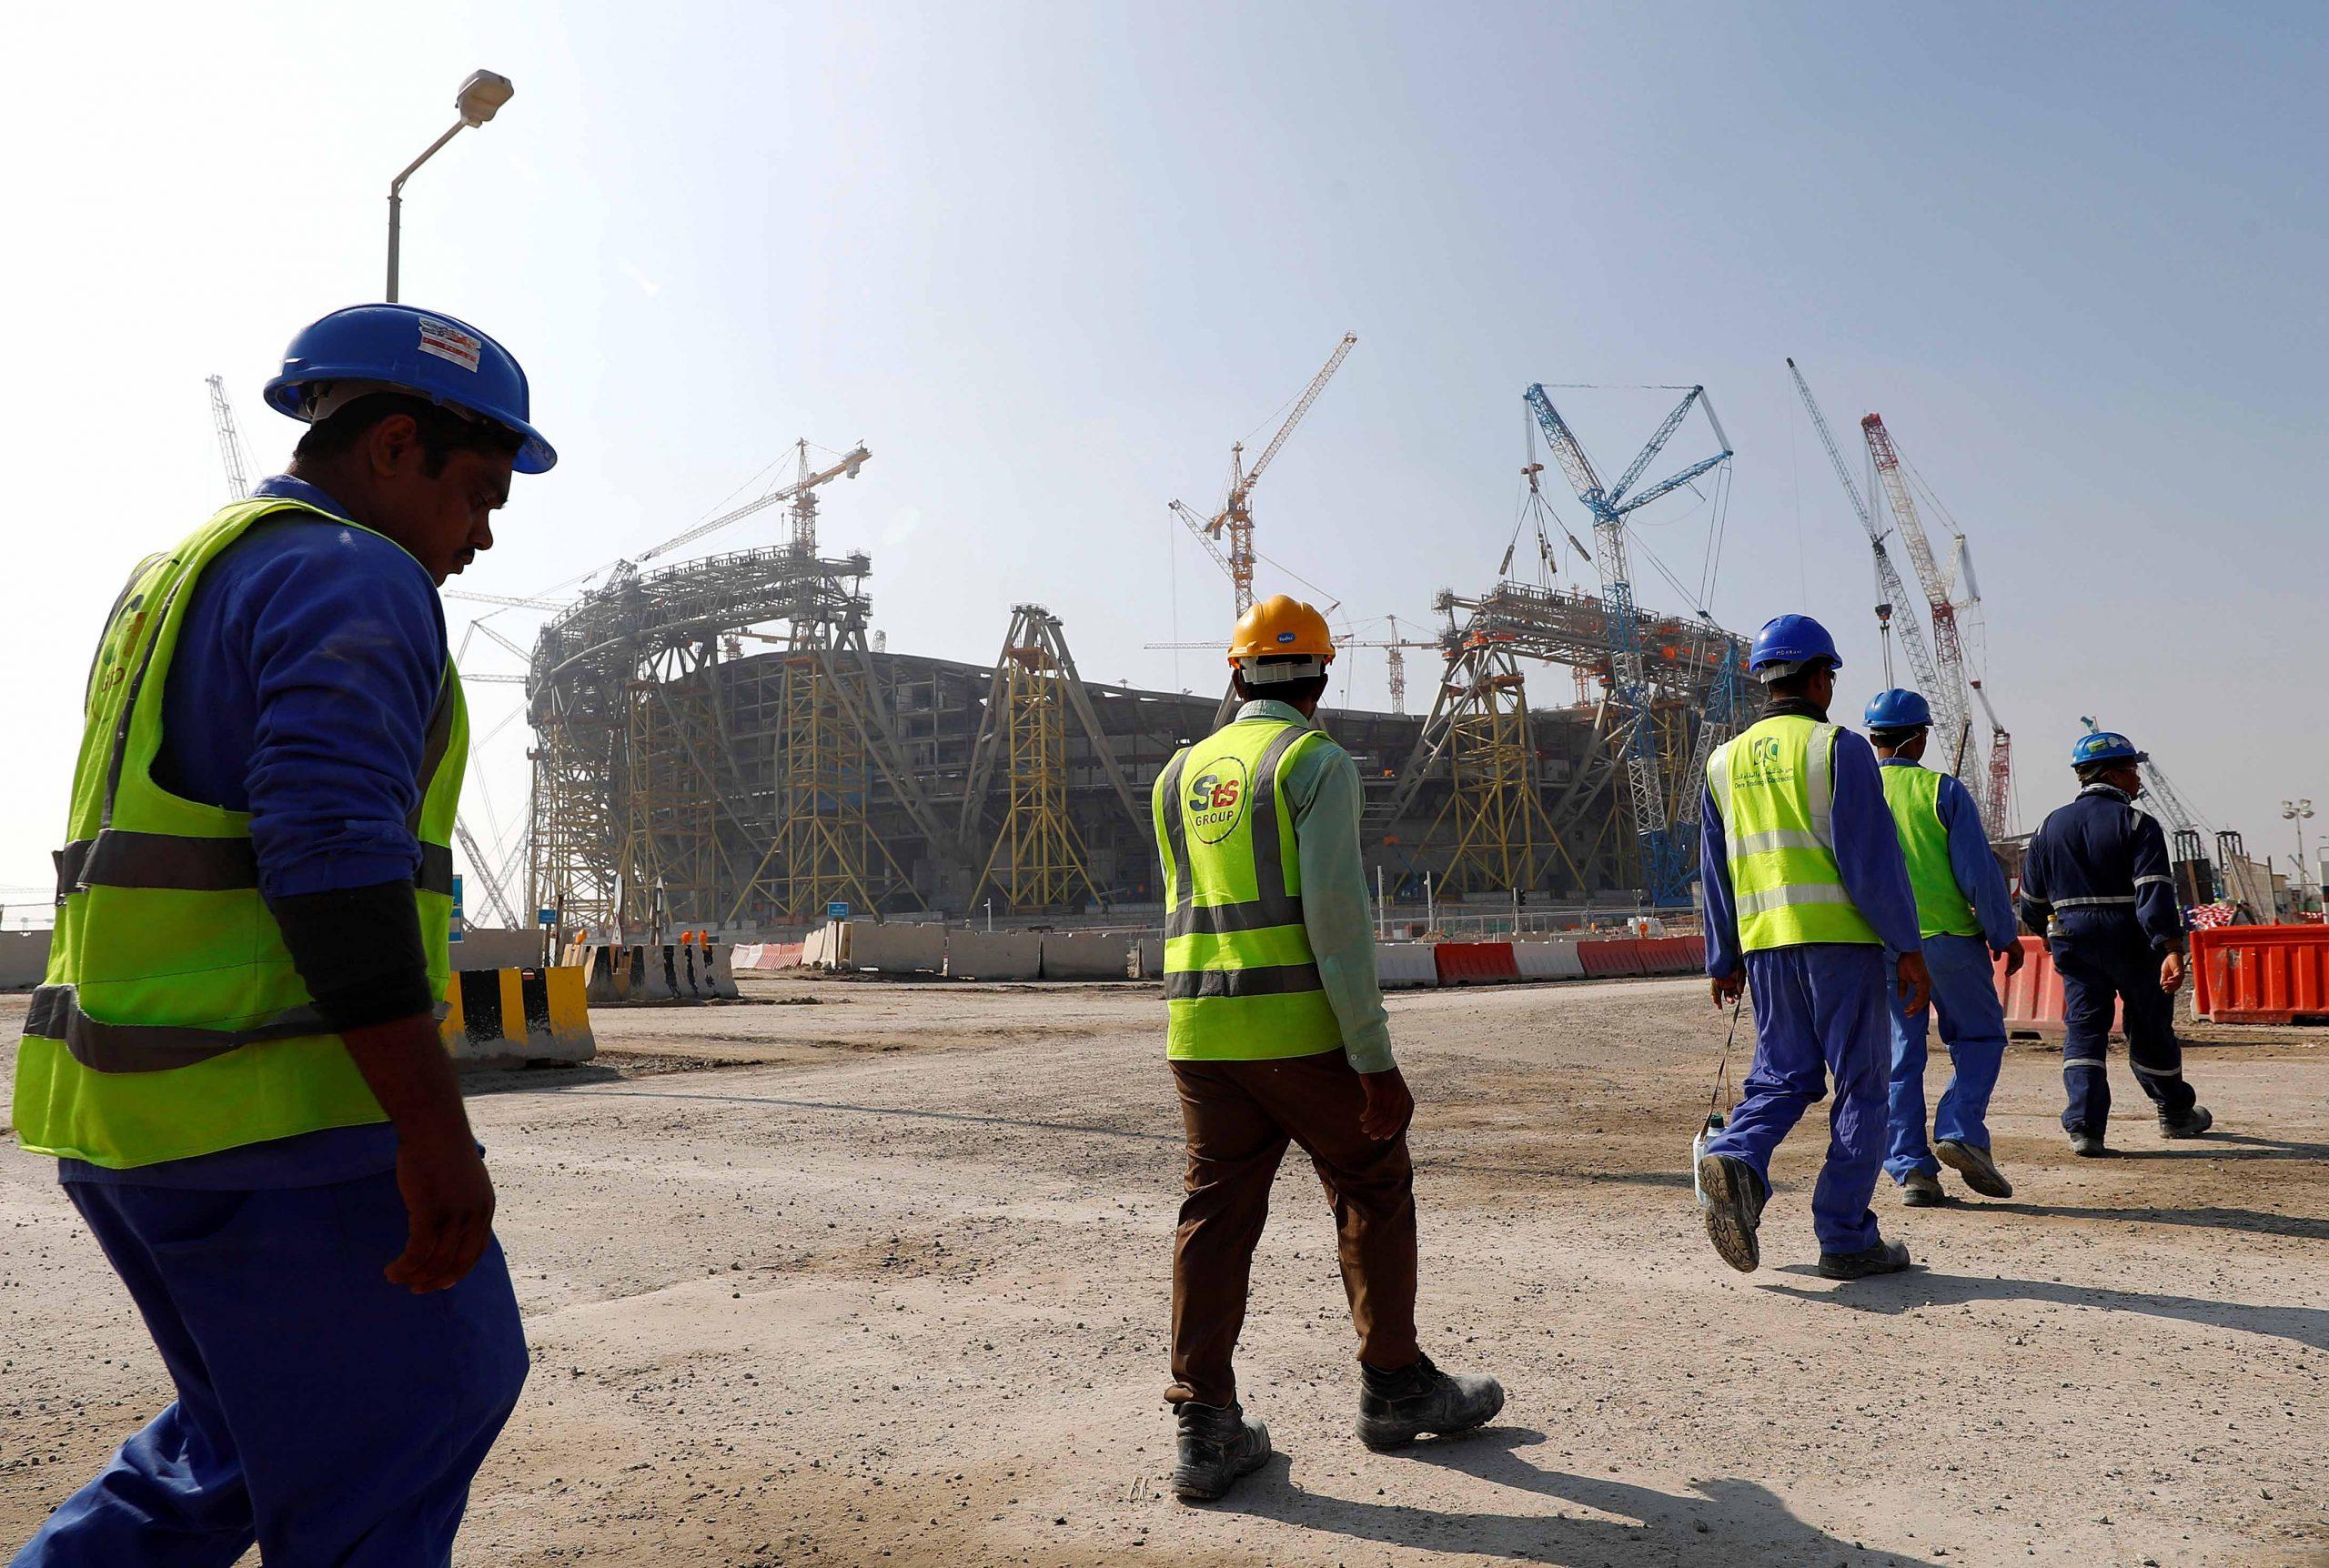 قطر تبدأ بتطبيق الحد الأدنى للأجور